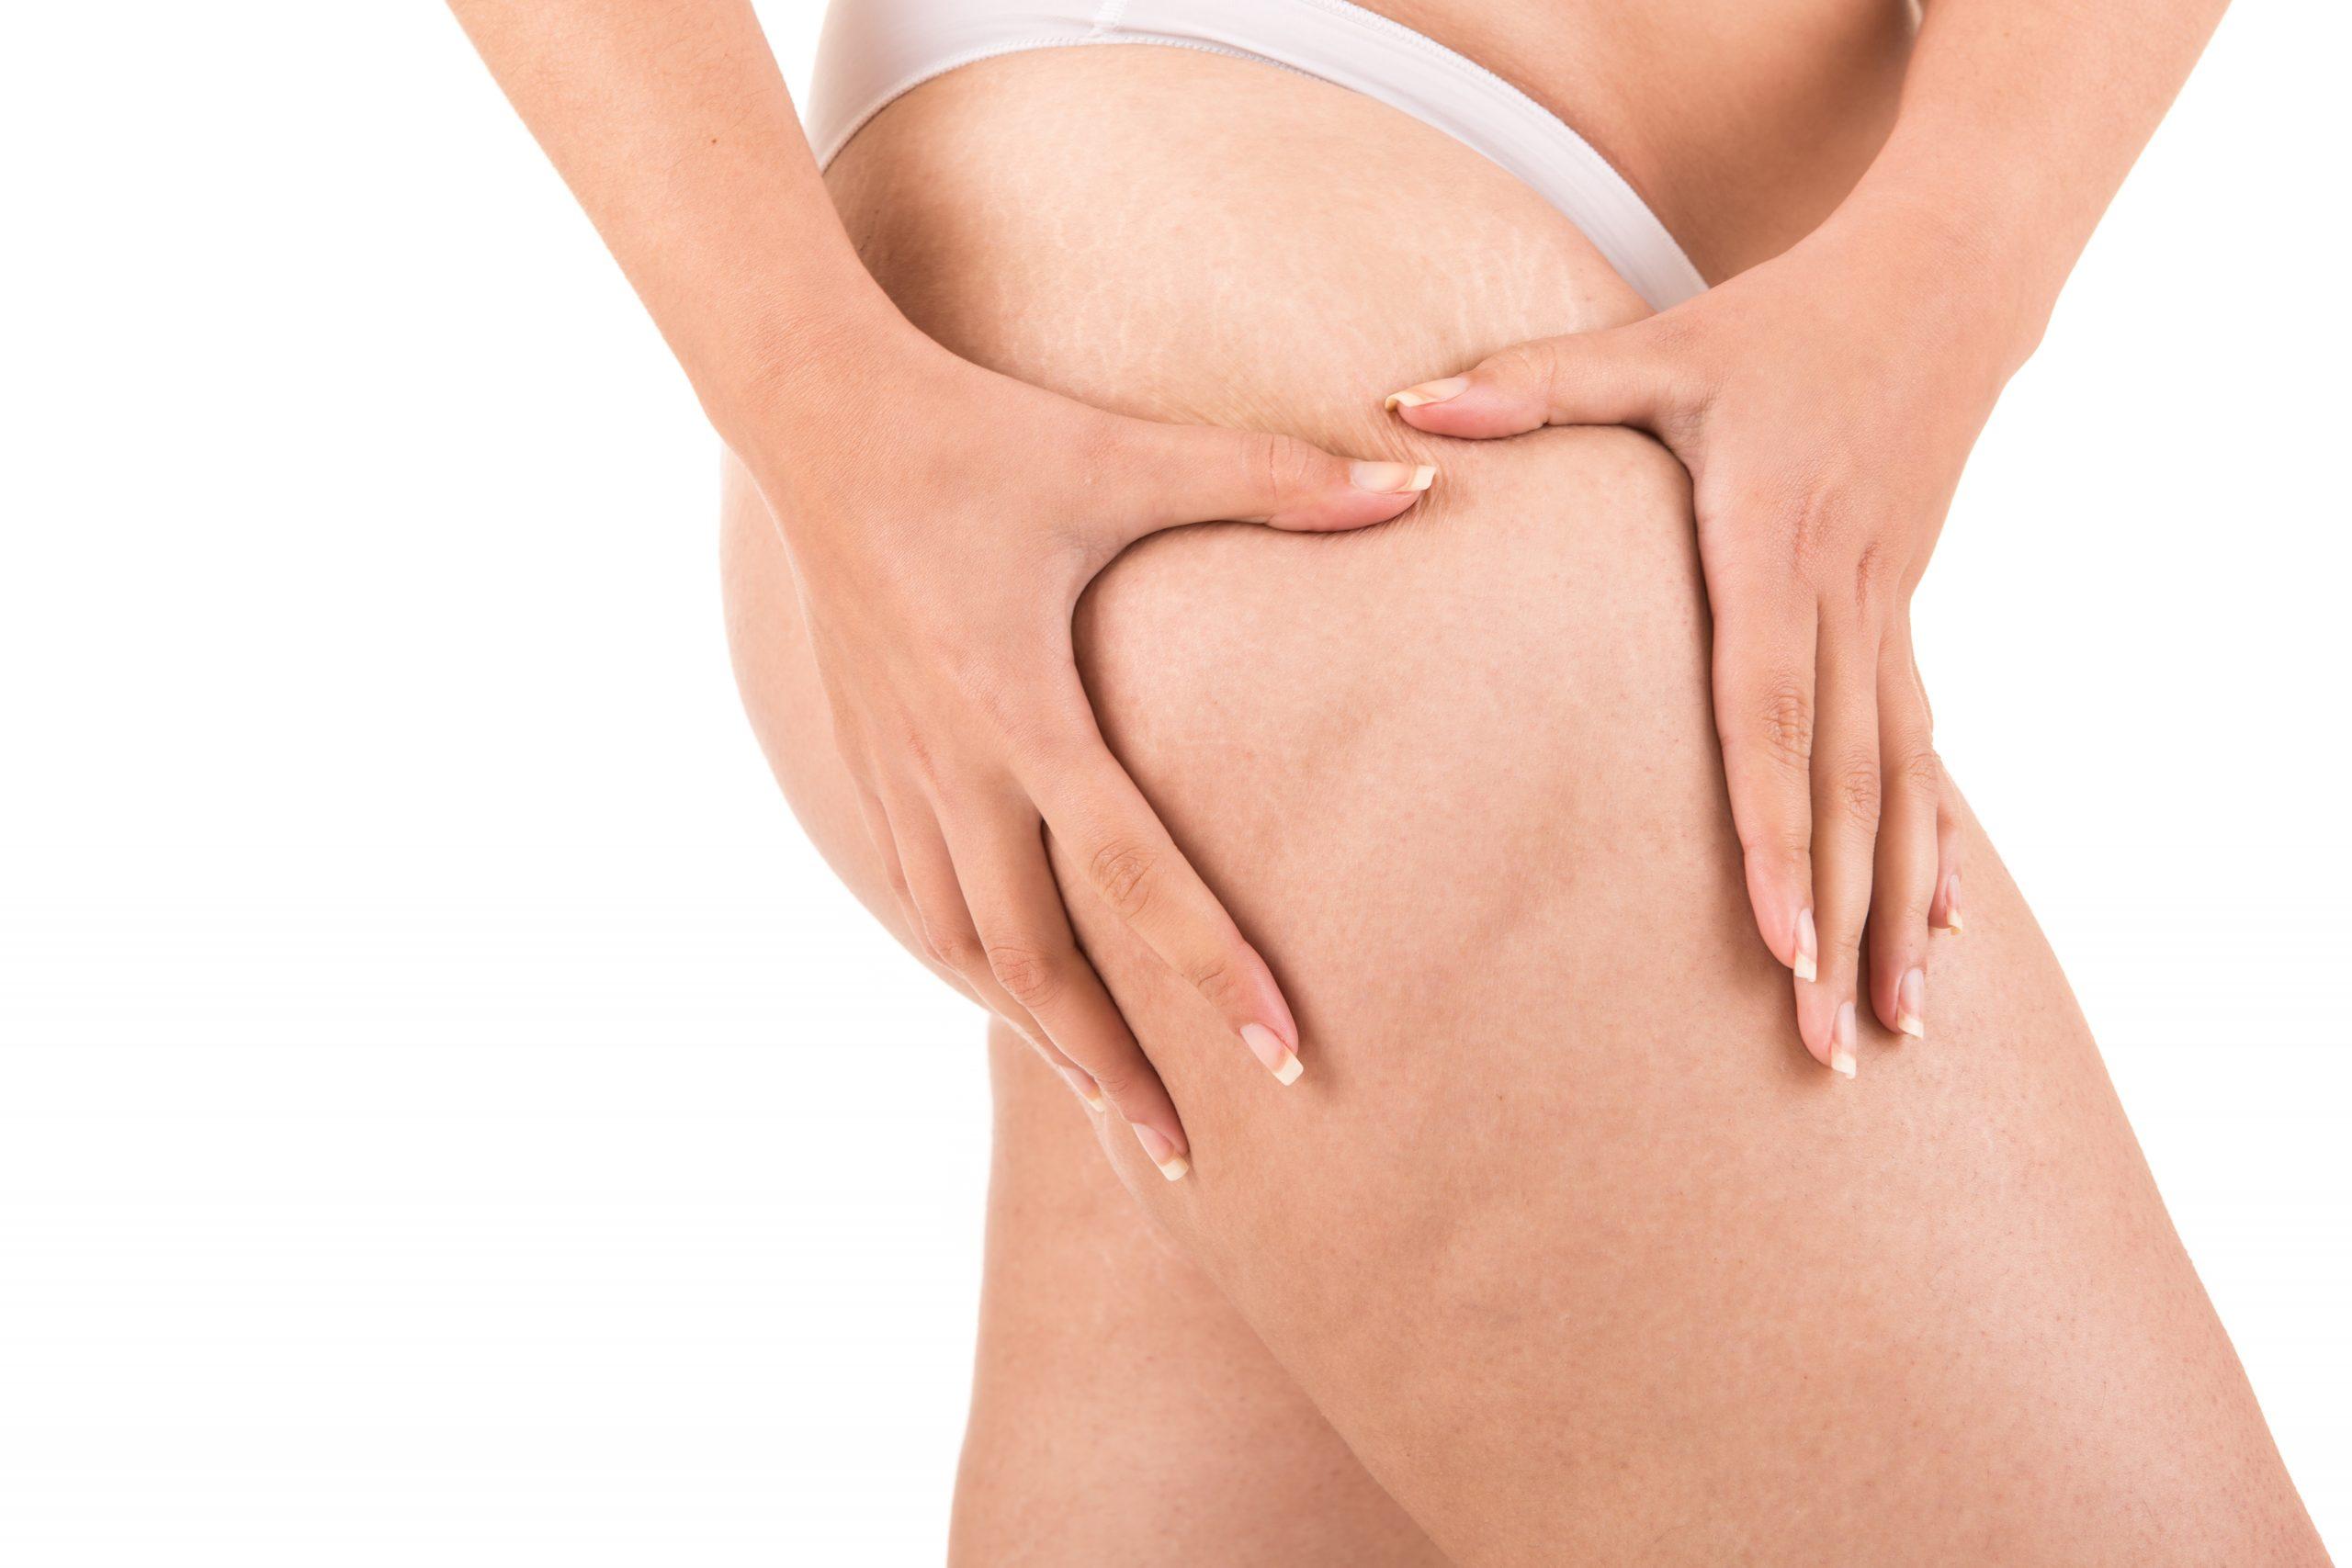 Les leggings anti-cellulite sont-ils vraiment efficaces?